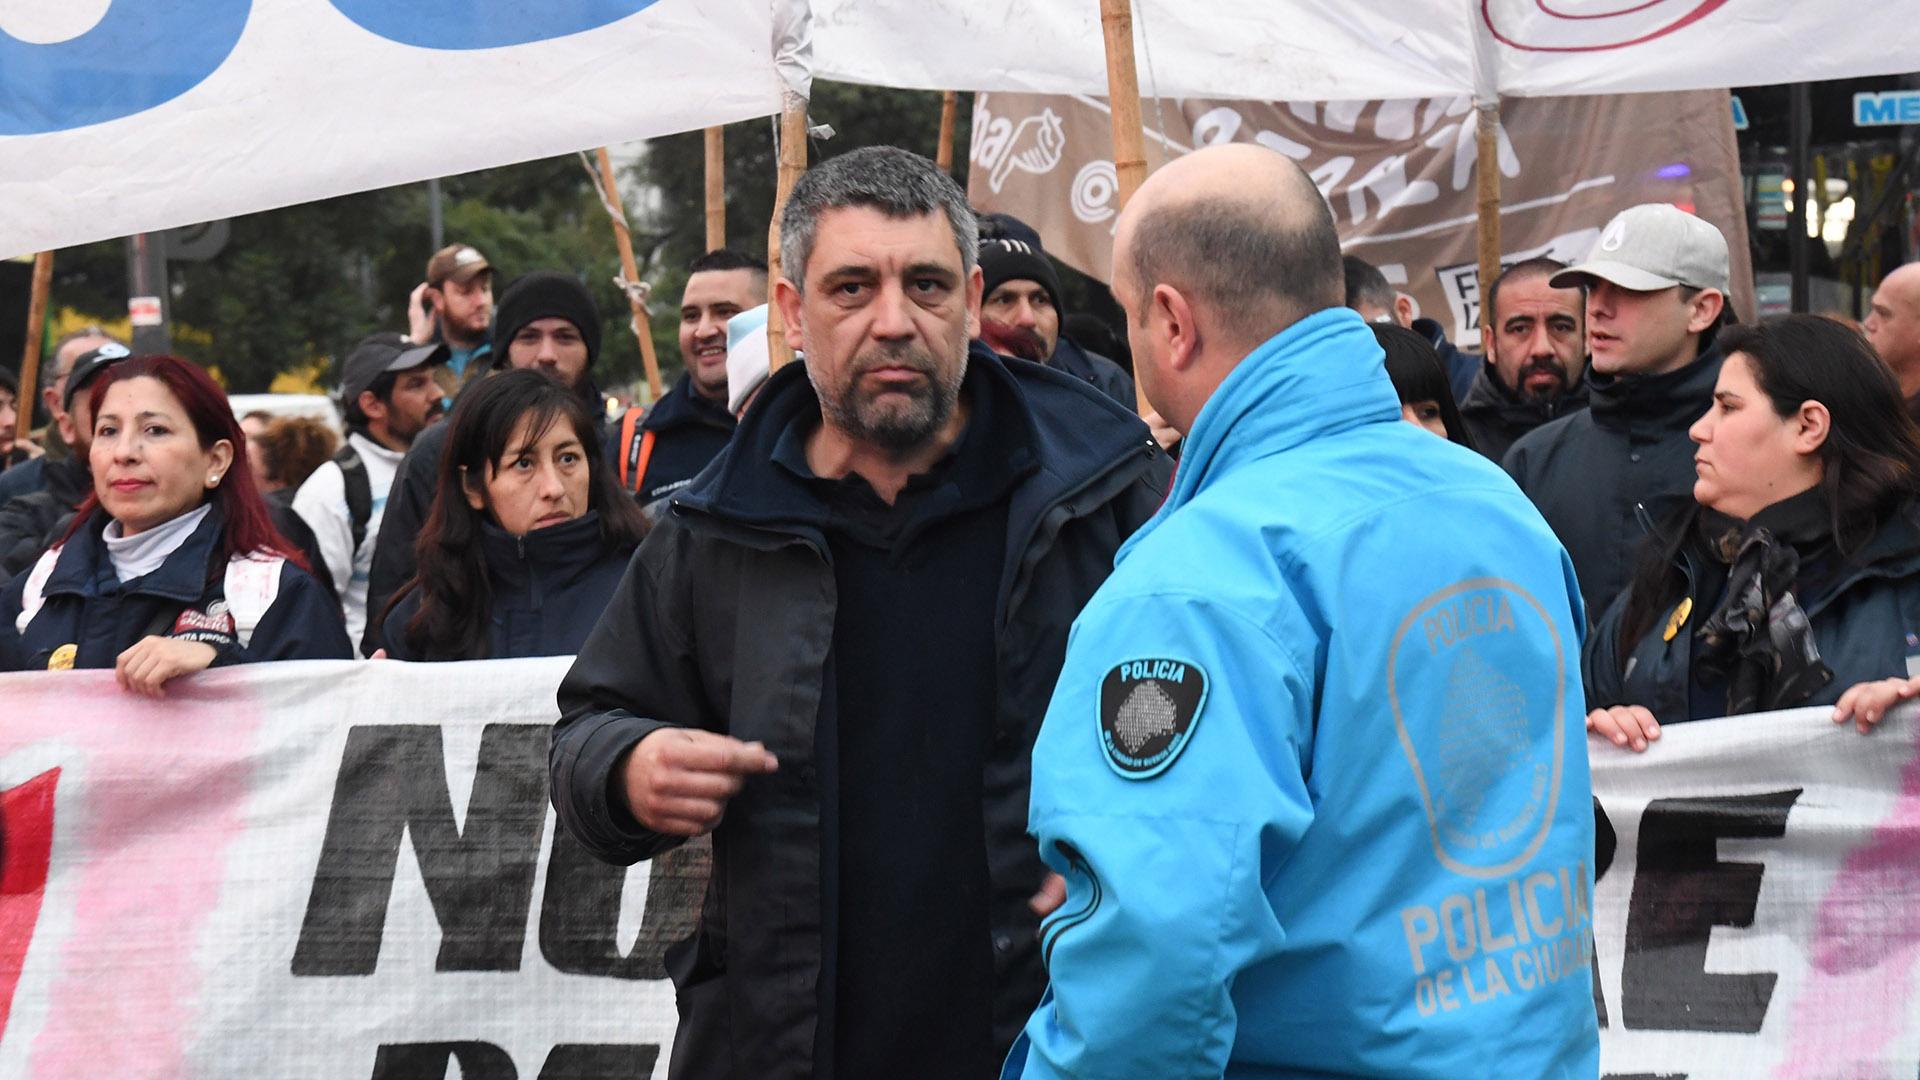 Agrupaciones de izquierda se sumaron a la protesta de los despedidos de PepsiCo (Télam)